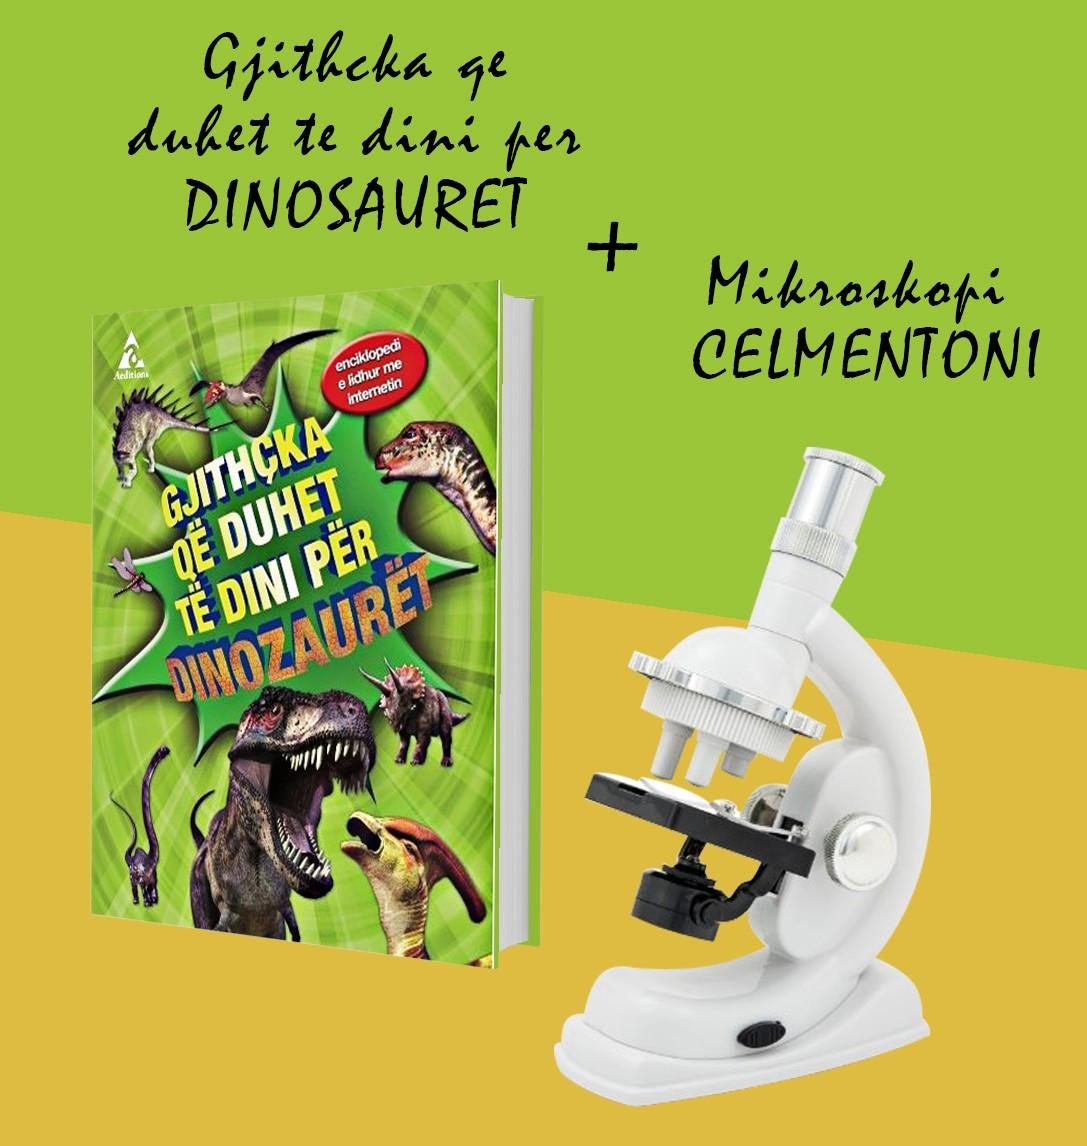 """Set Mikroskopi Clementoni + Libri """"Gjithçka që duhet të dini mbi dinozaurët"""""""